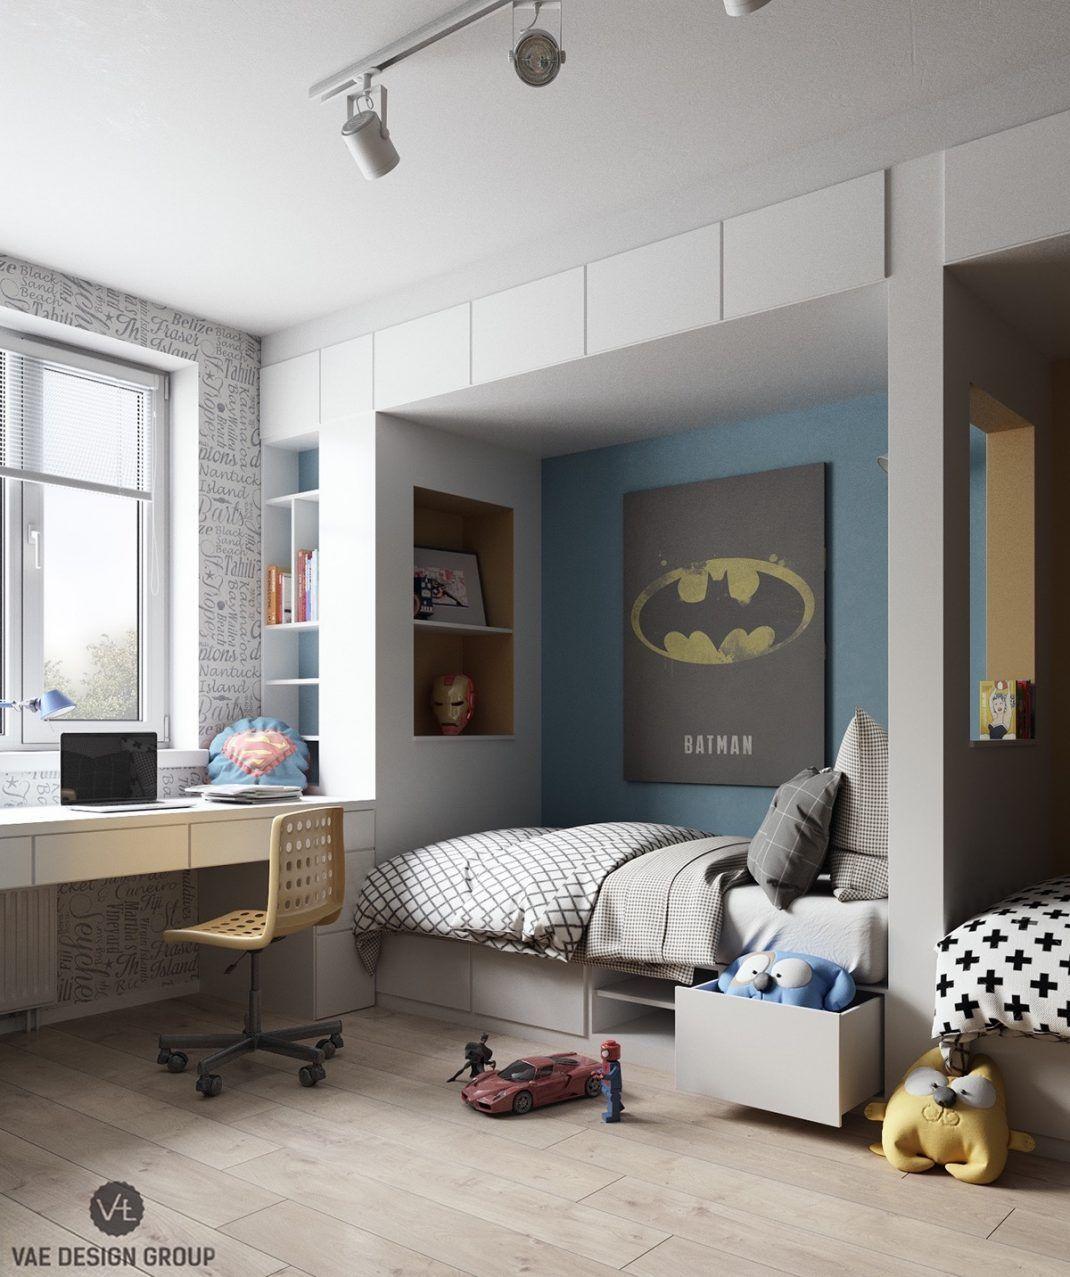 20 chambres d\'enfant à la décoration moderne et colorée - Slaapkamer ...